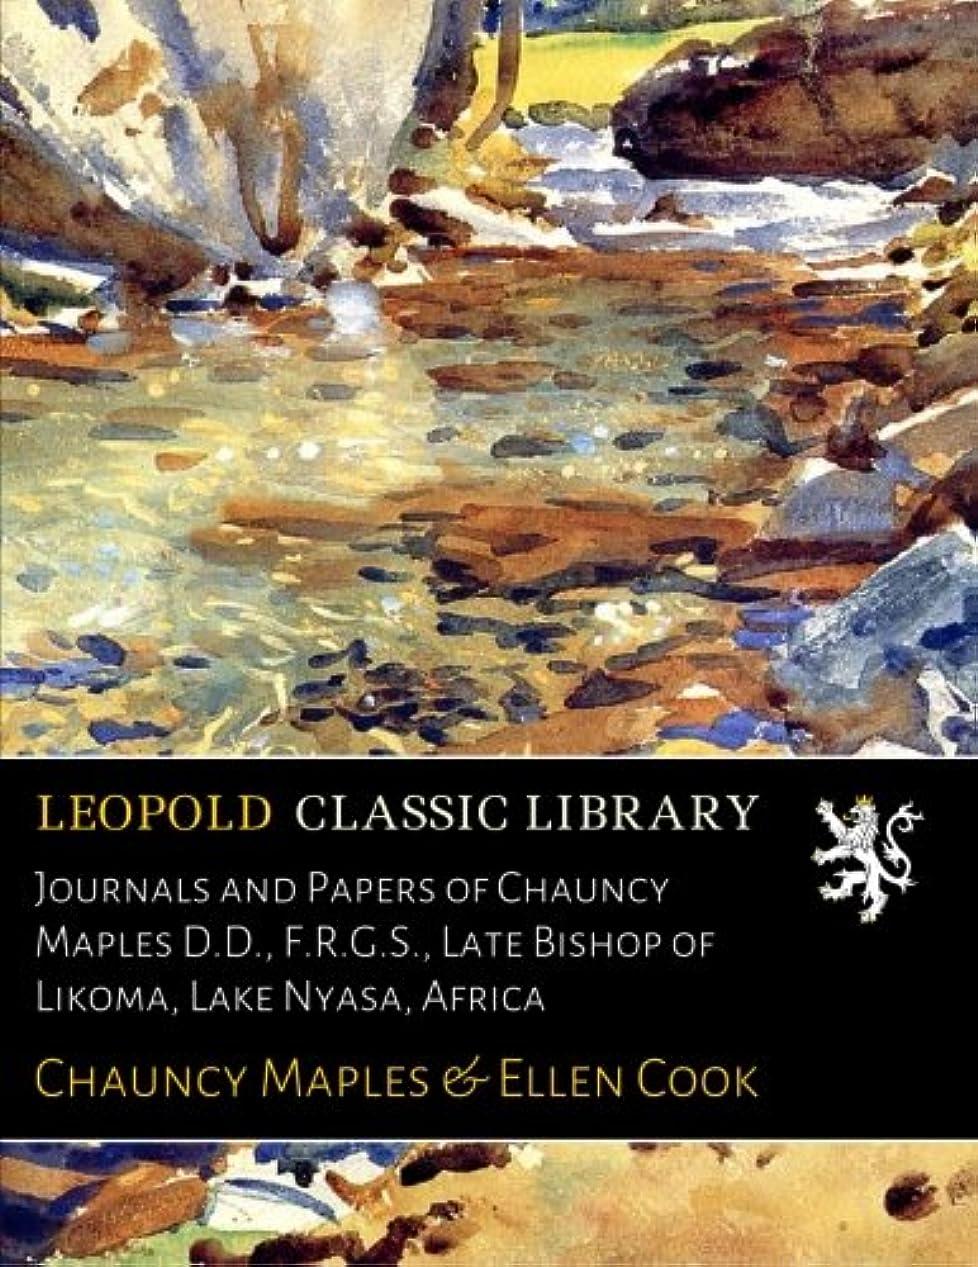 疑問に思う助けになるサンダーJournals and Papers of Chauncy Maples D.D., F.R.G.S., Late Bishop of Likoma, Lake Nyasa, Africa